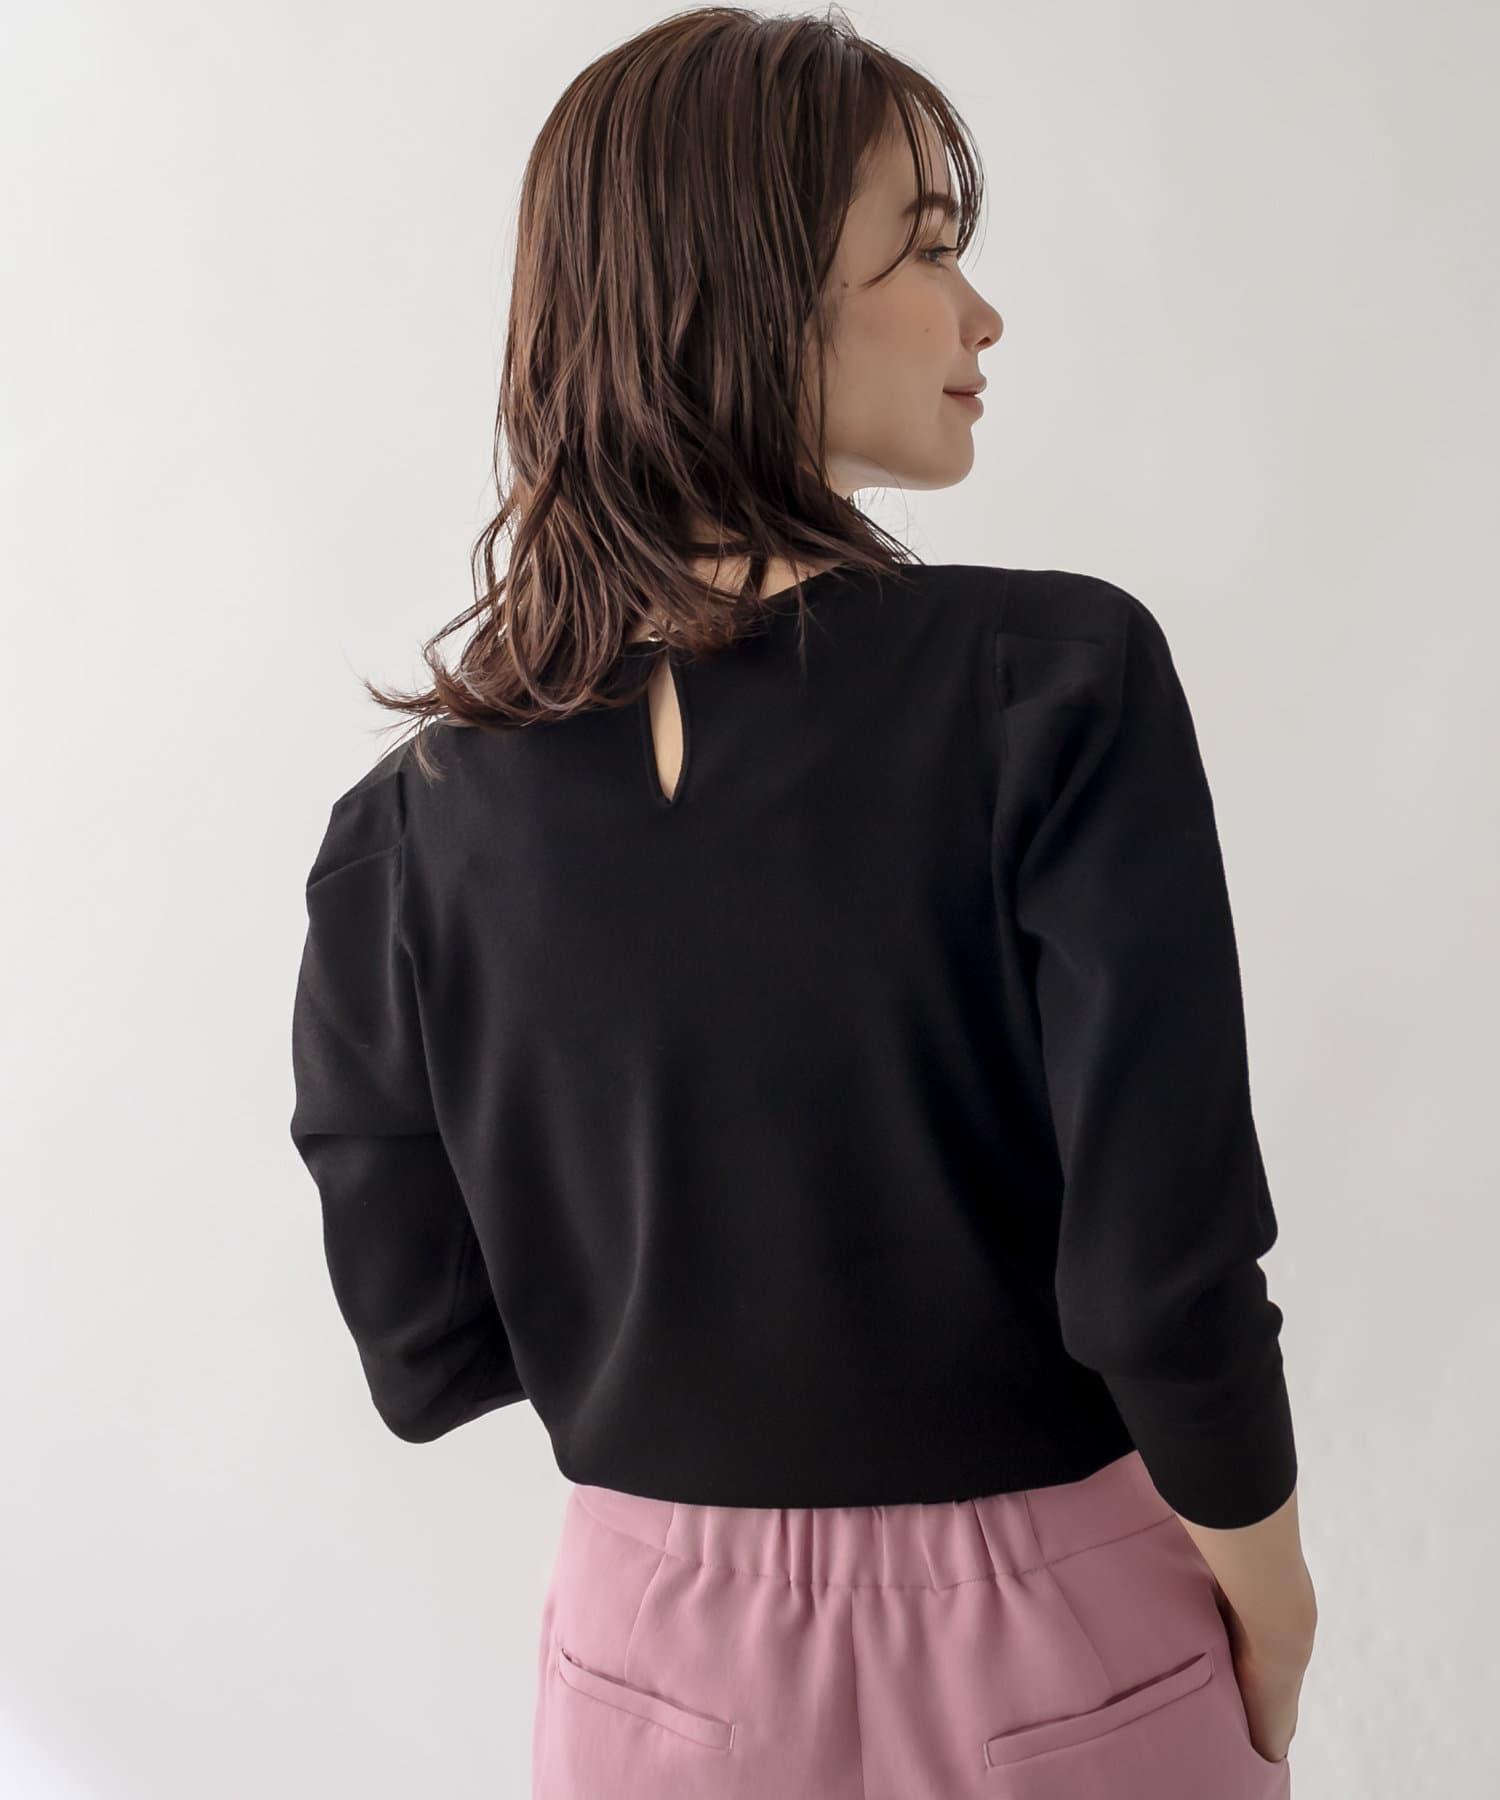 La boutique BonBon(ラブティックボンボン) 【短め袖で秋から活躍・手洗い可】8分袖パワショルニット